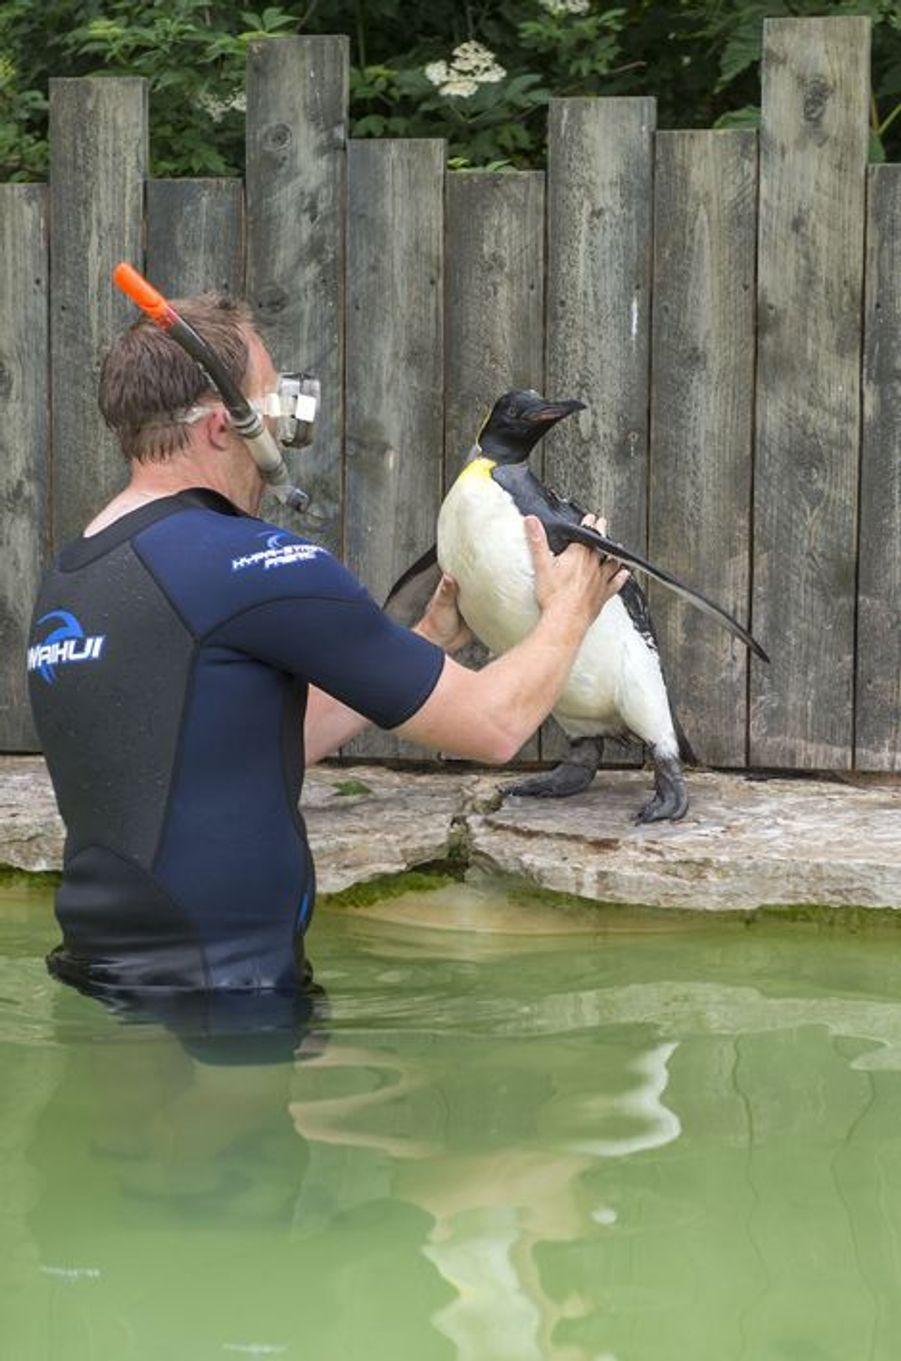 Charlotte le manchot aquaphobe apprend à nager avec Alistair le soigneur